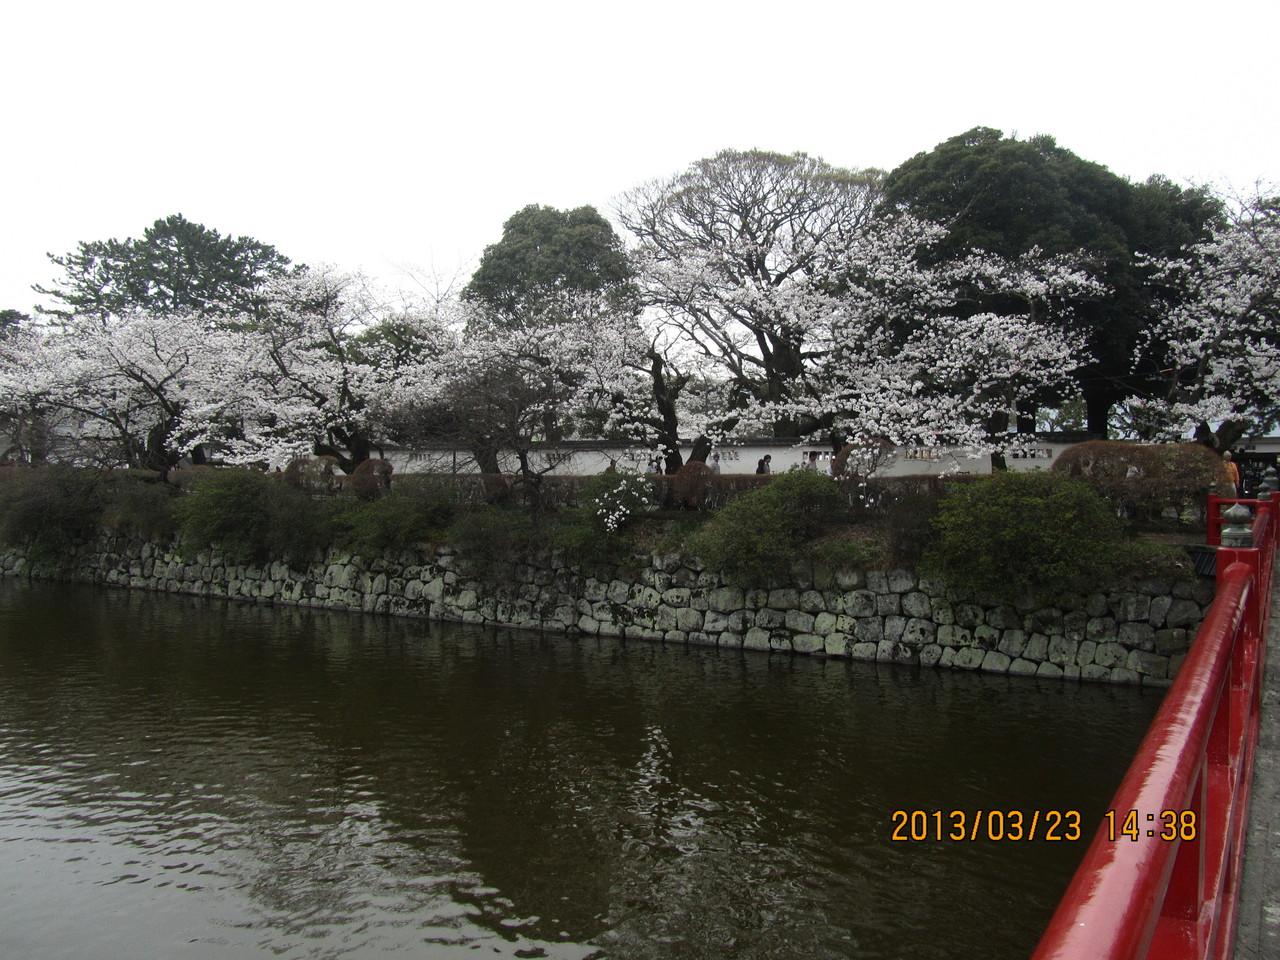 日本さくら名所100選にも選ばれている小田原城址公園の桜が満開です。